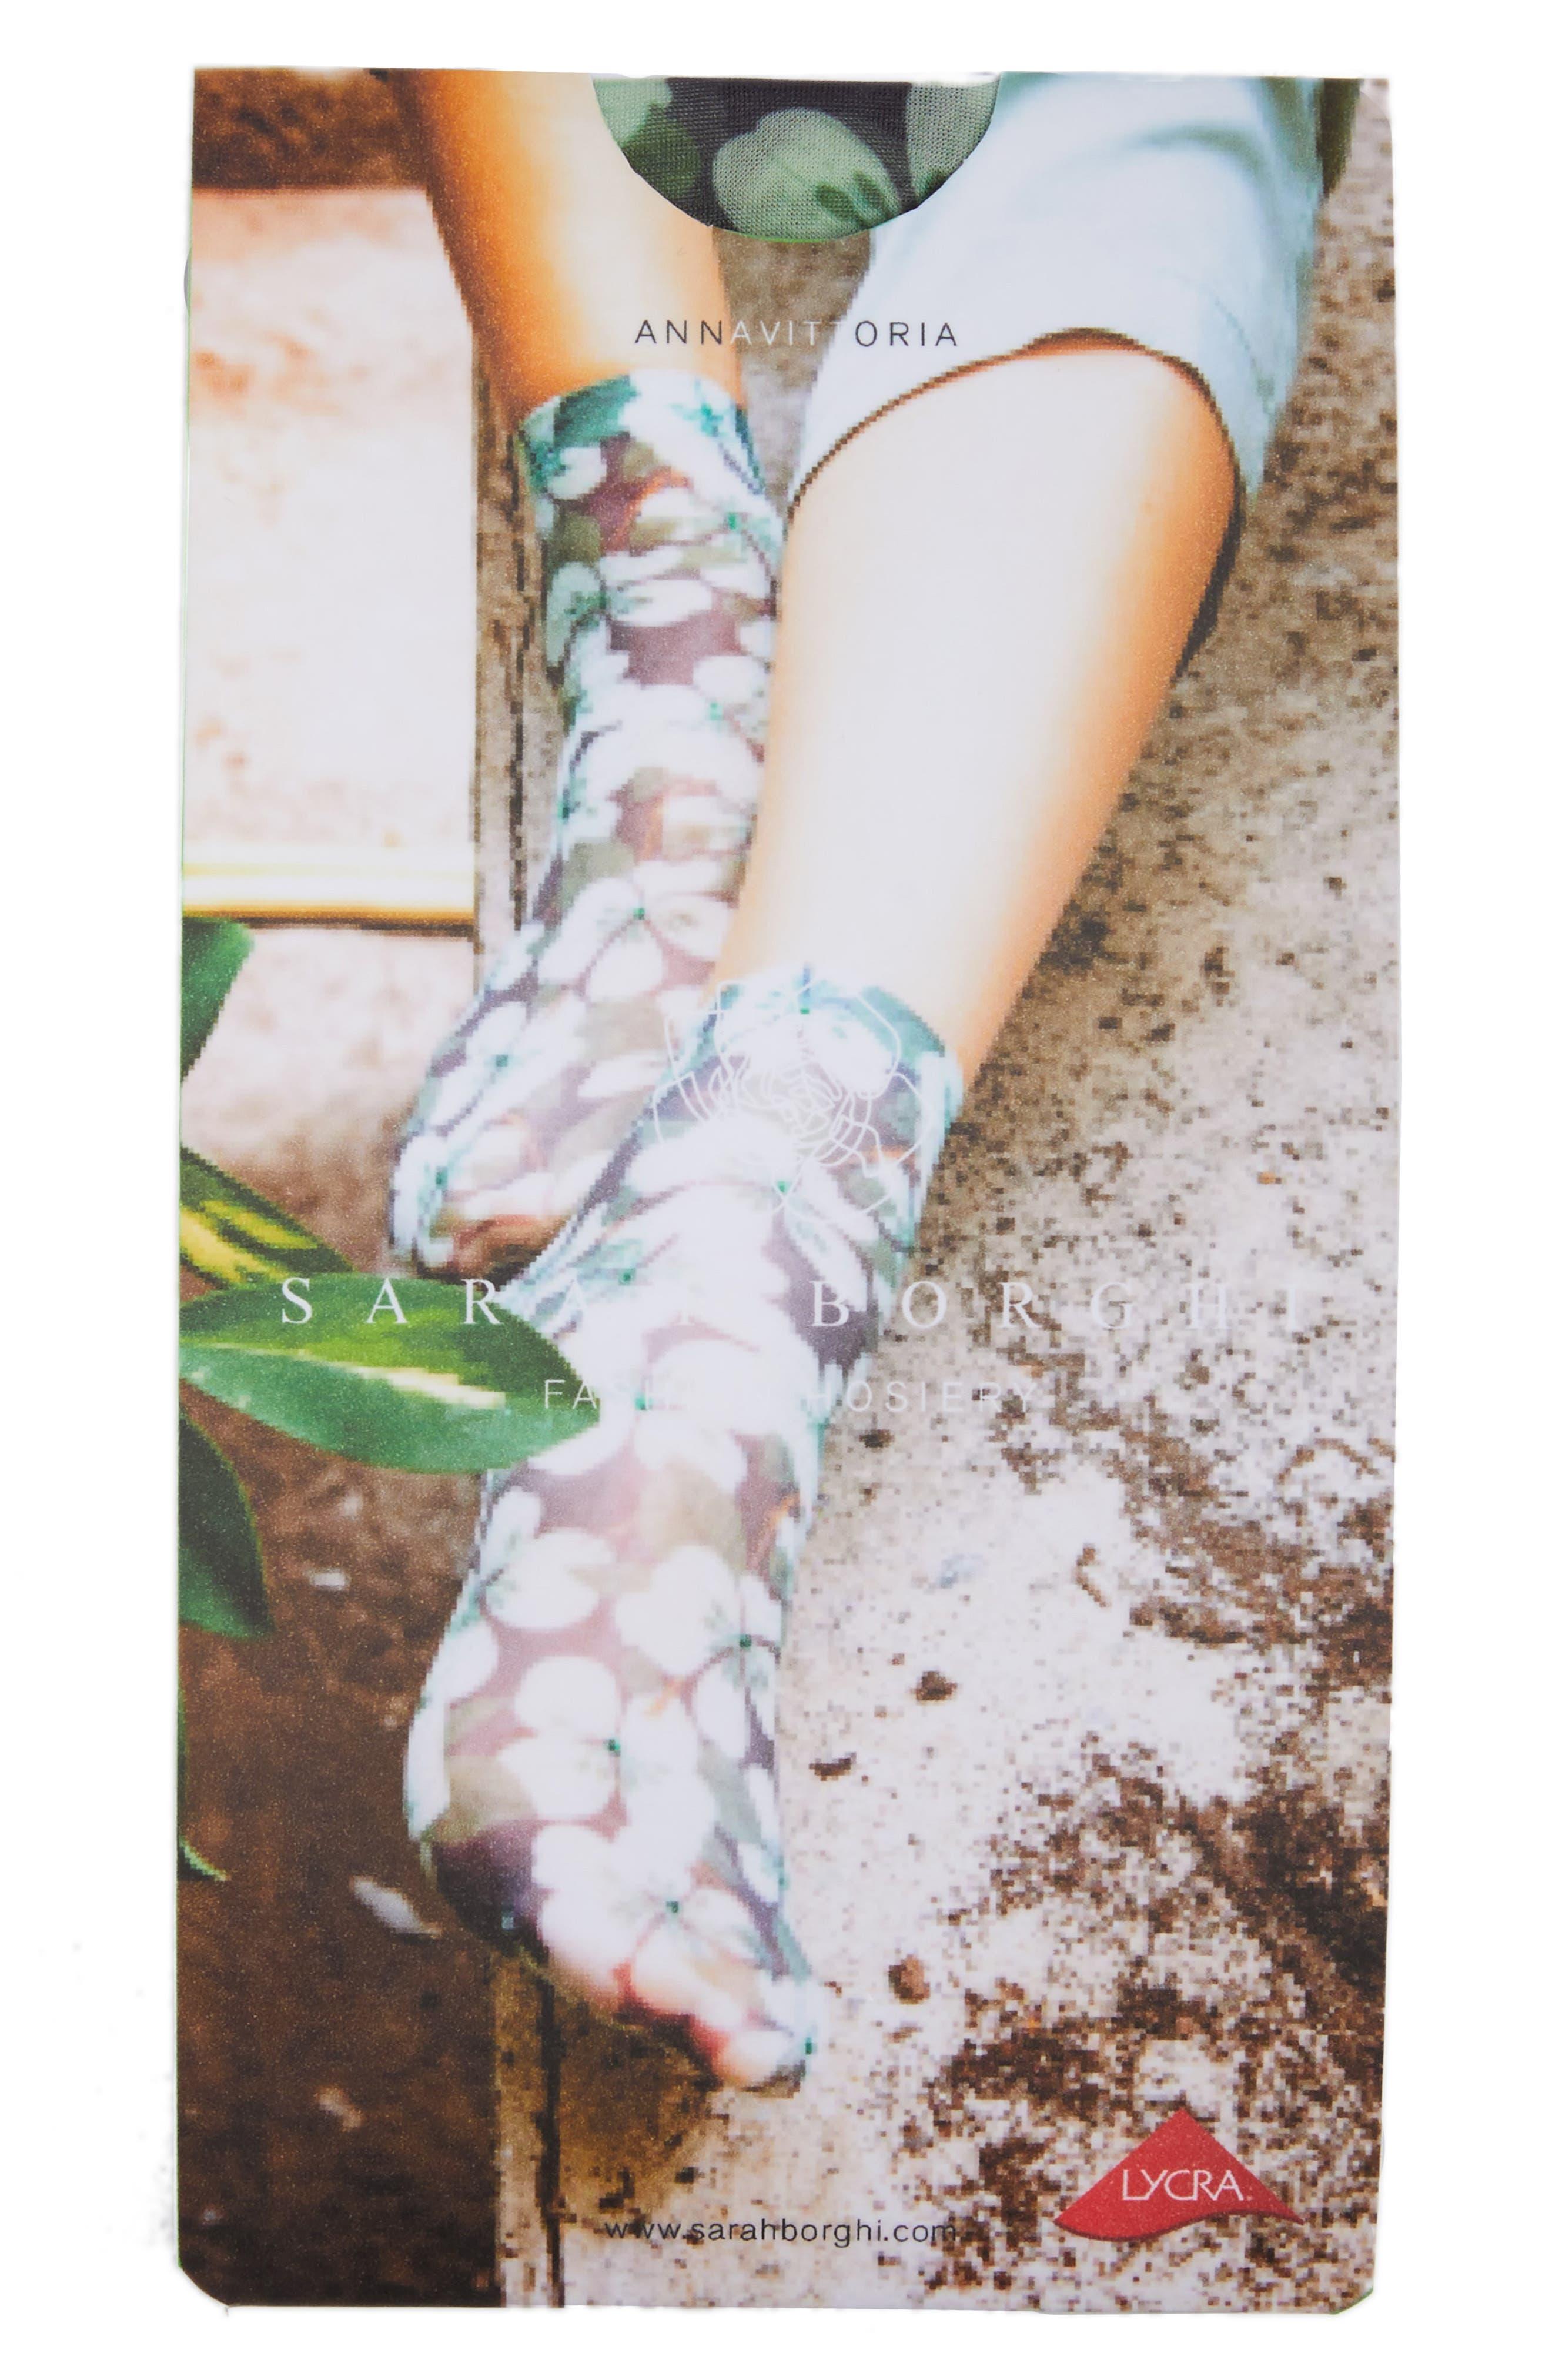 Annavittoria Ankle Socks,                             Alternate thumbnail 2, color,                             440